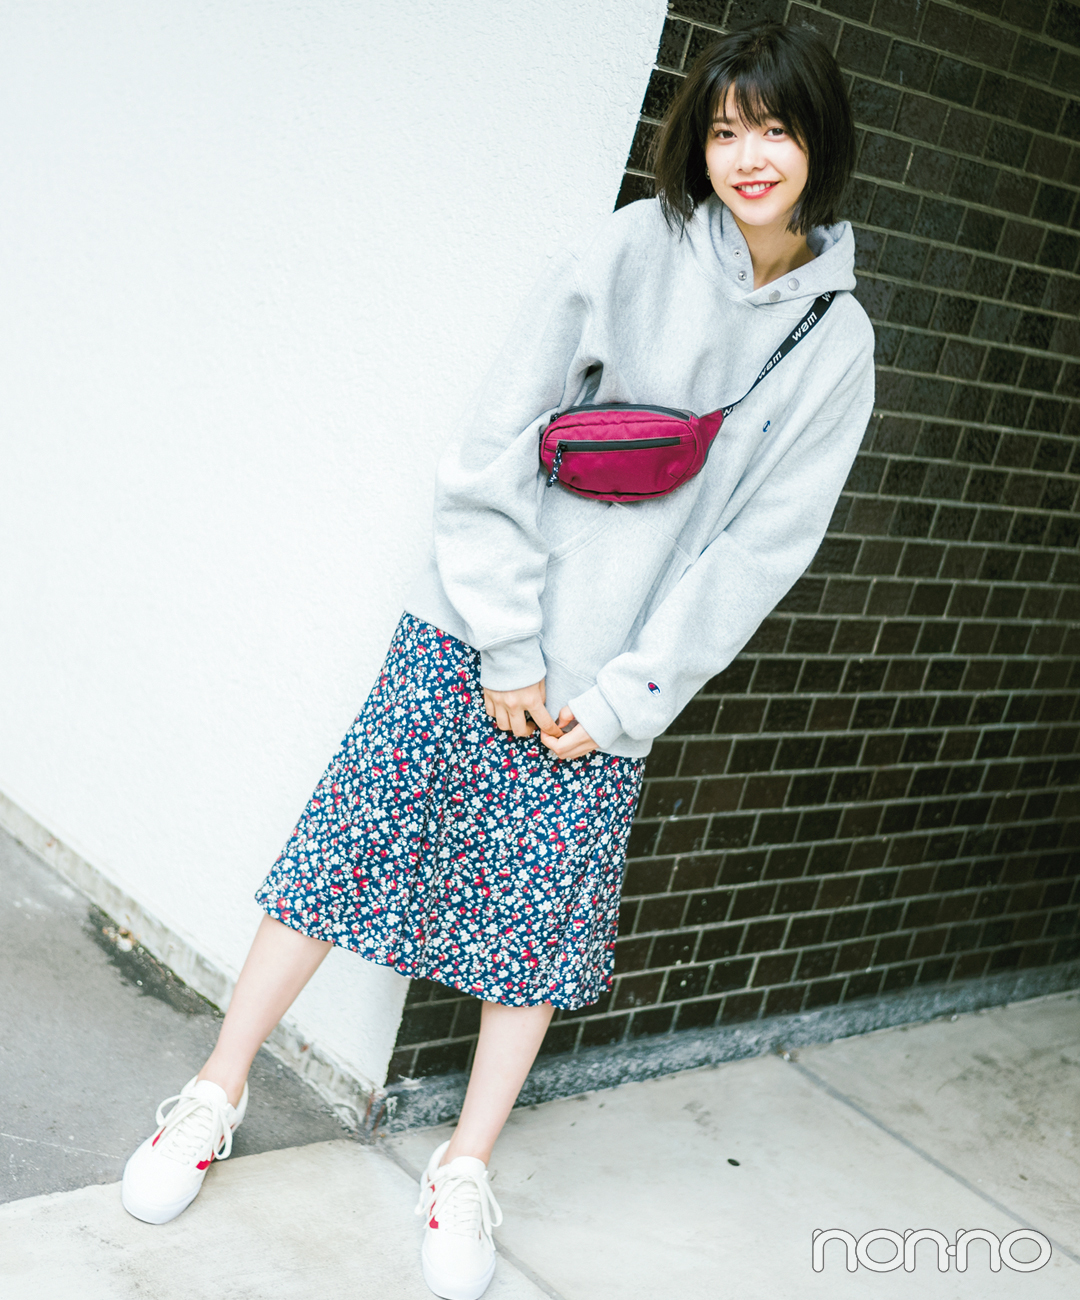 【冬のスニーカーコーデ】甘さが高まる花柄スカートでフェミニンにアレンジ